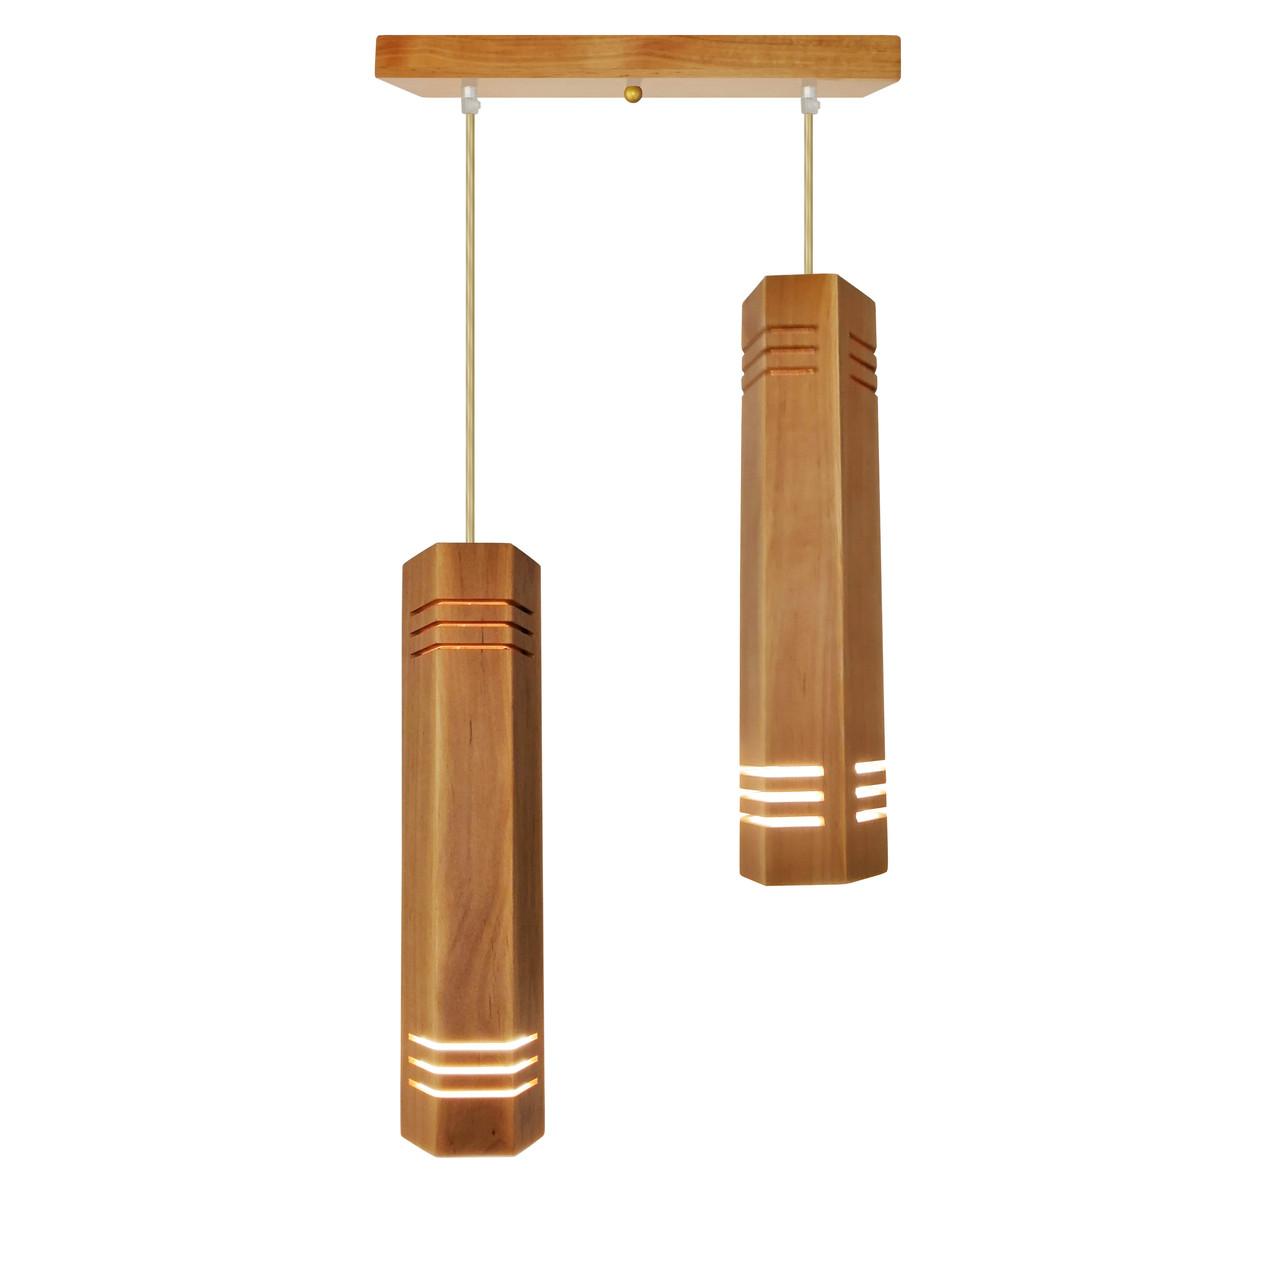 """Подвесной светильник """"MONA-2"""" Е27 натуральное дерево, светлое дерево, лофт освещение"""